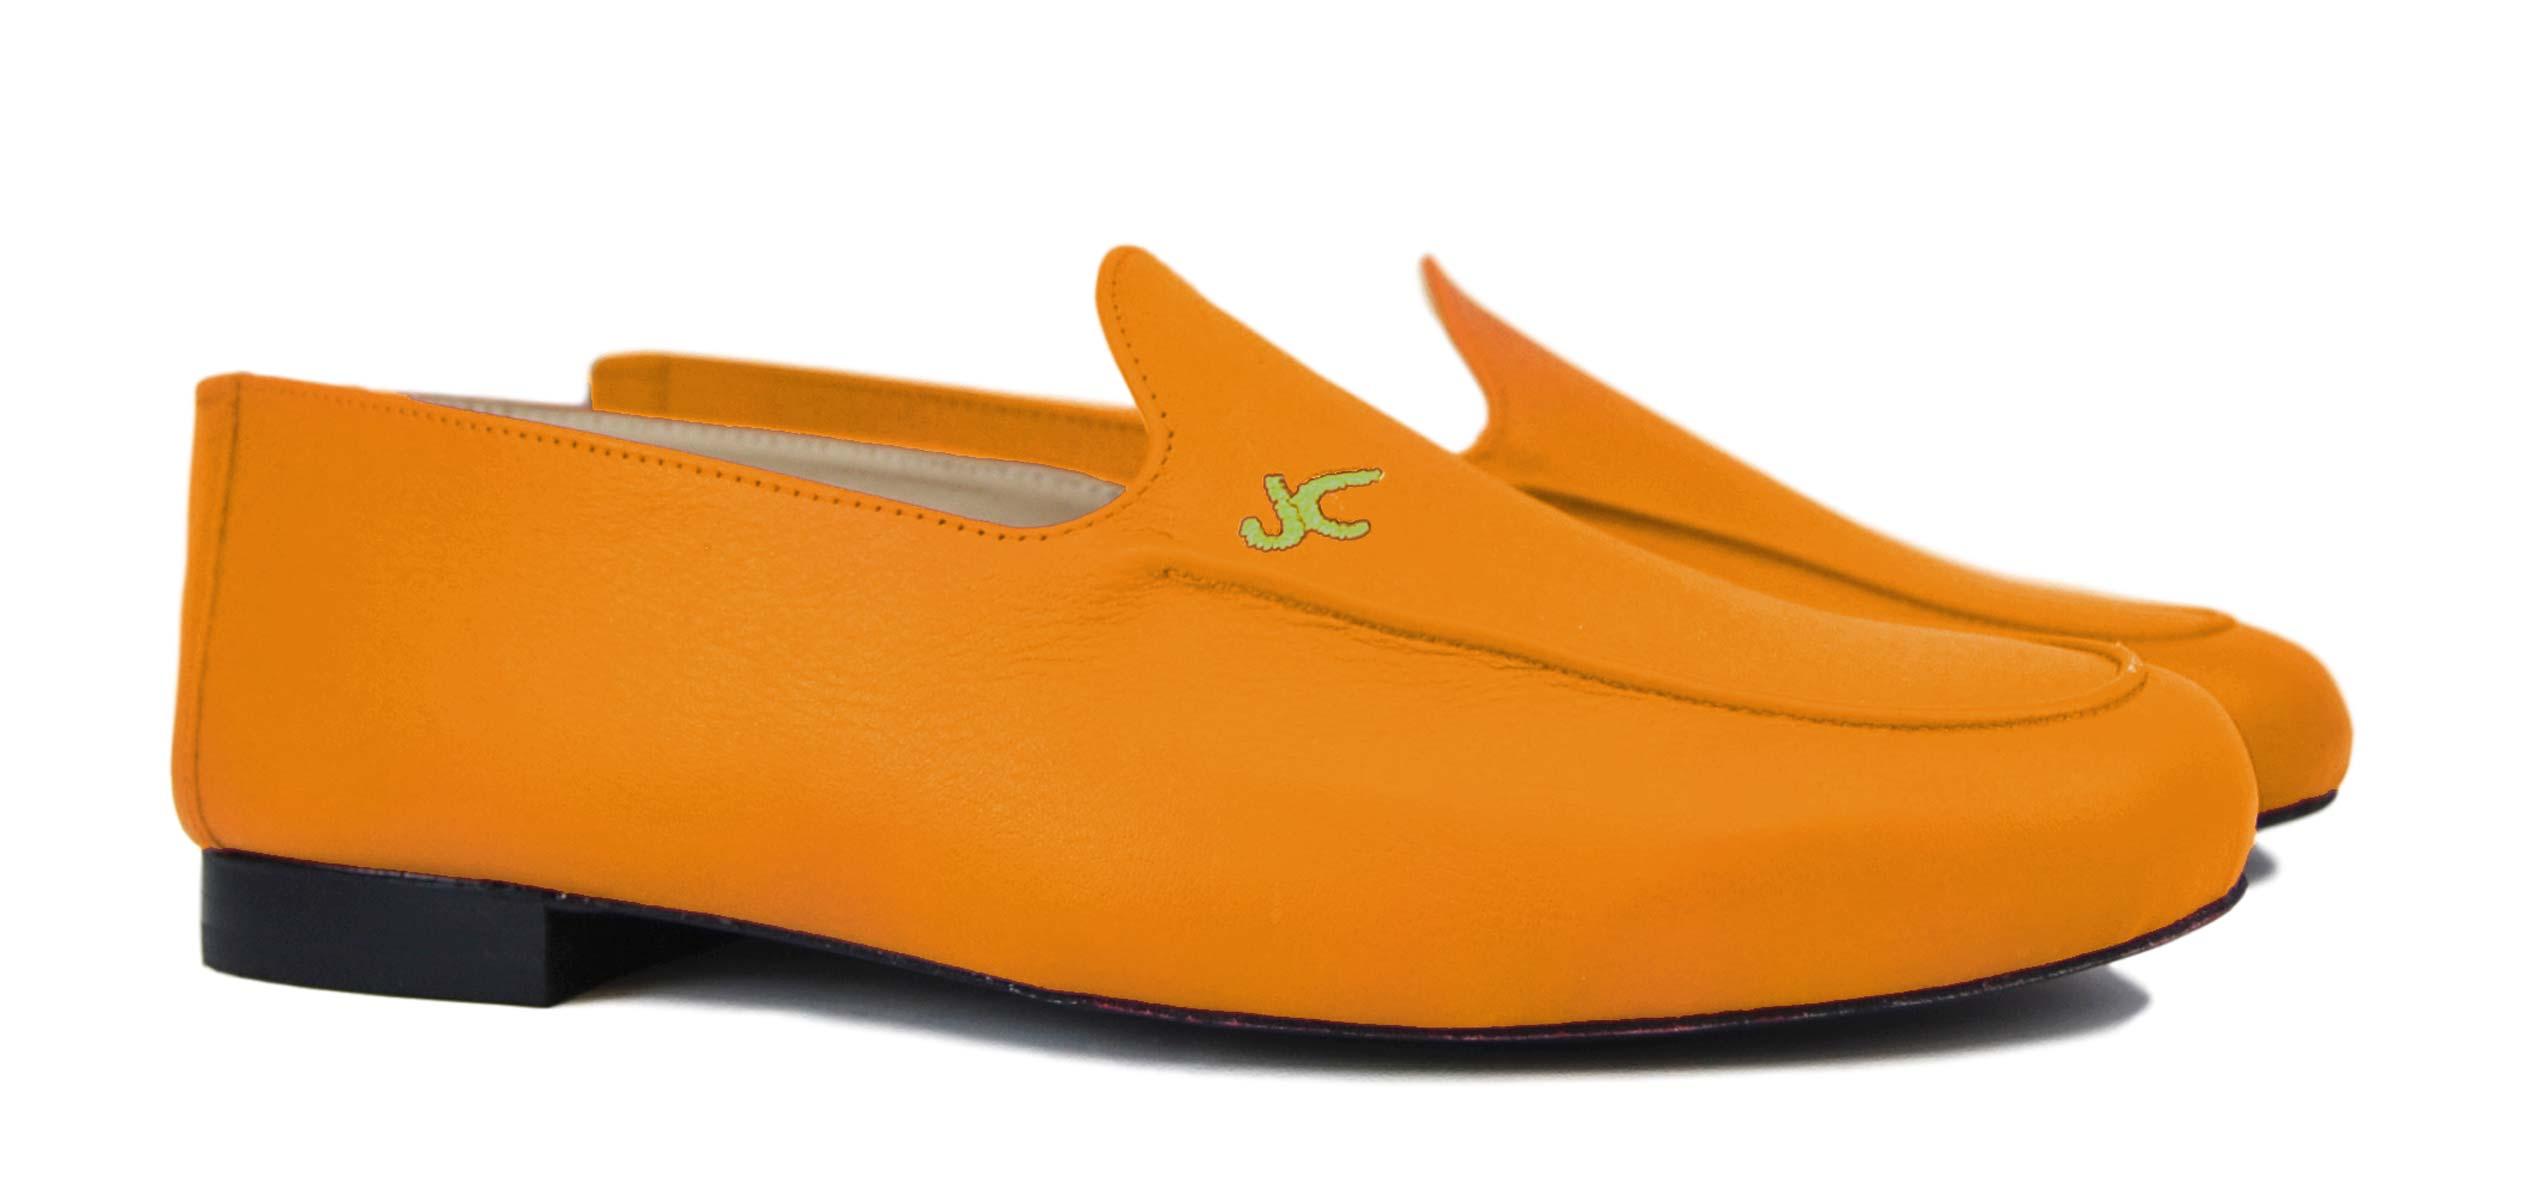 Foto 5 de Zapatos Julio Iglesias 528 JC Golden Napa Piel Original